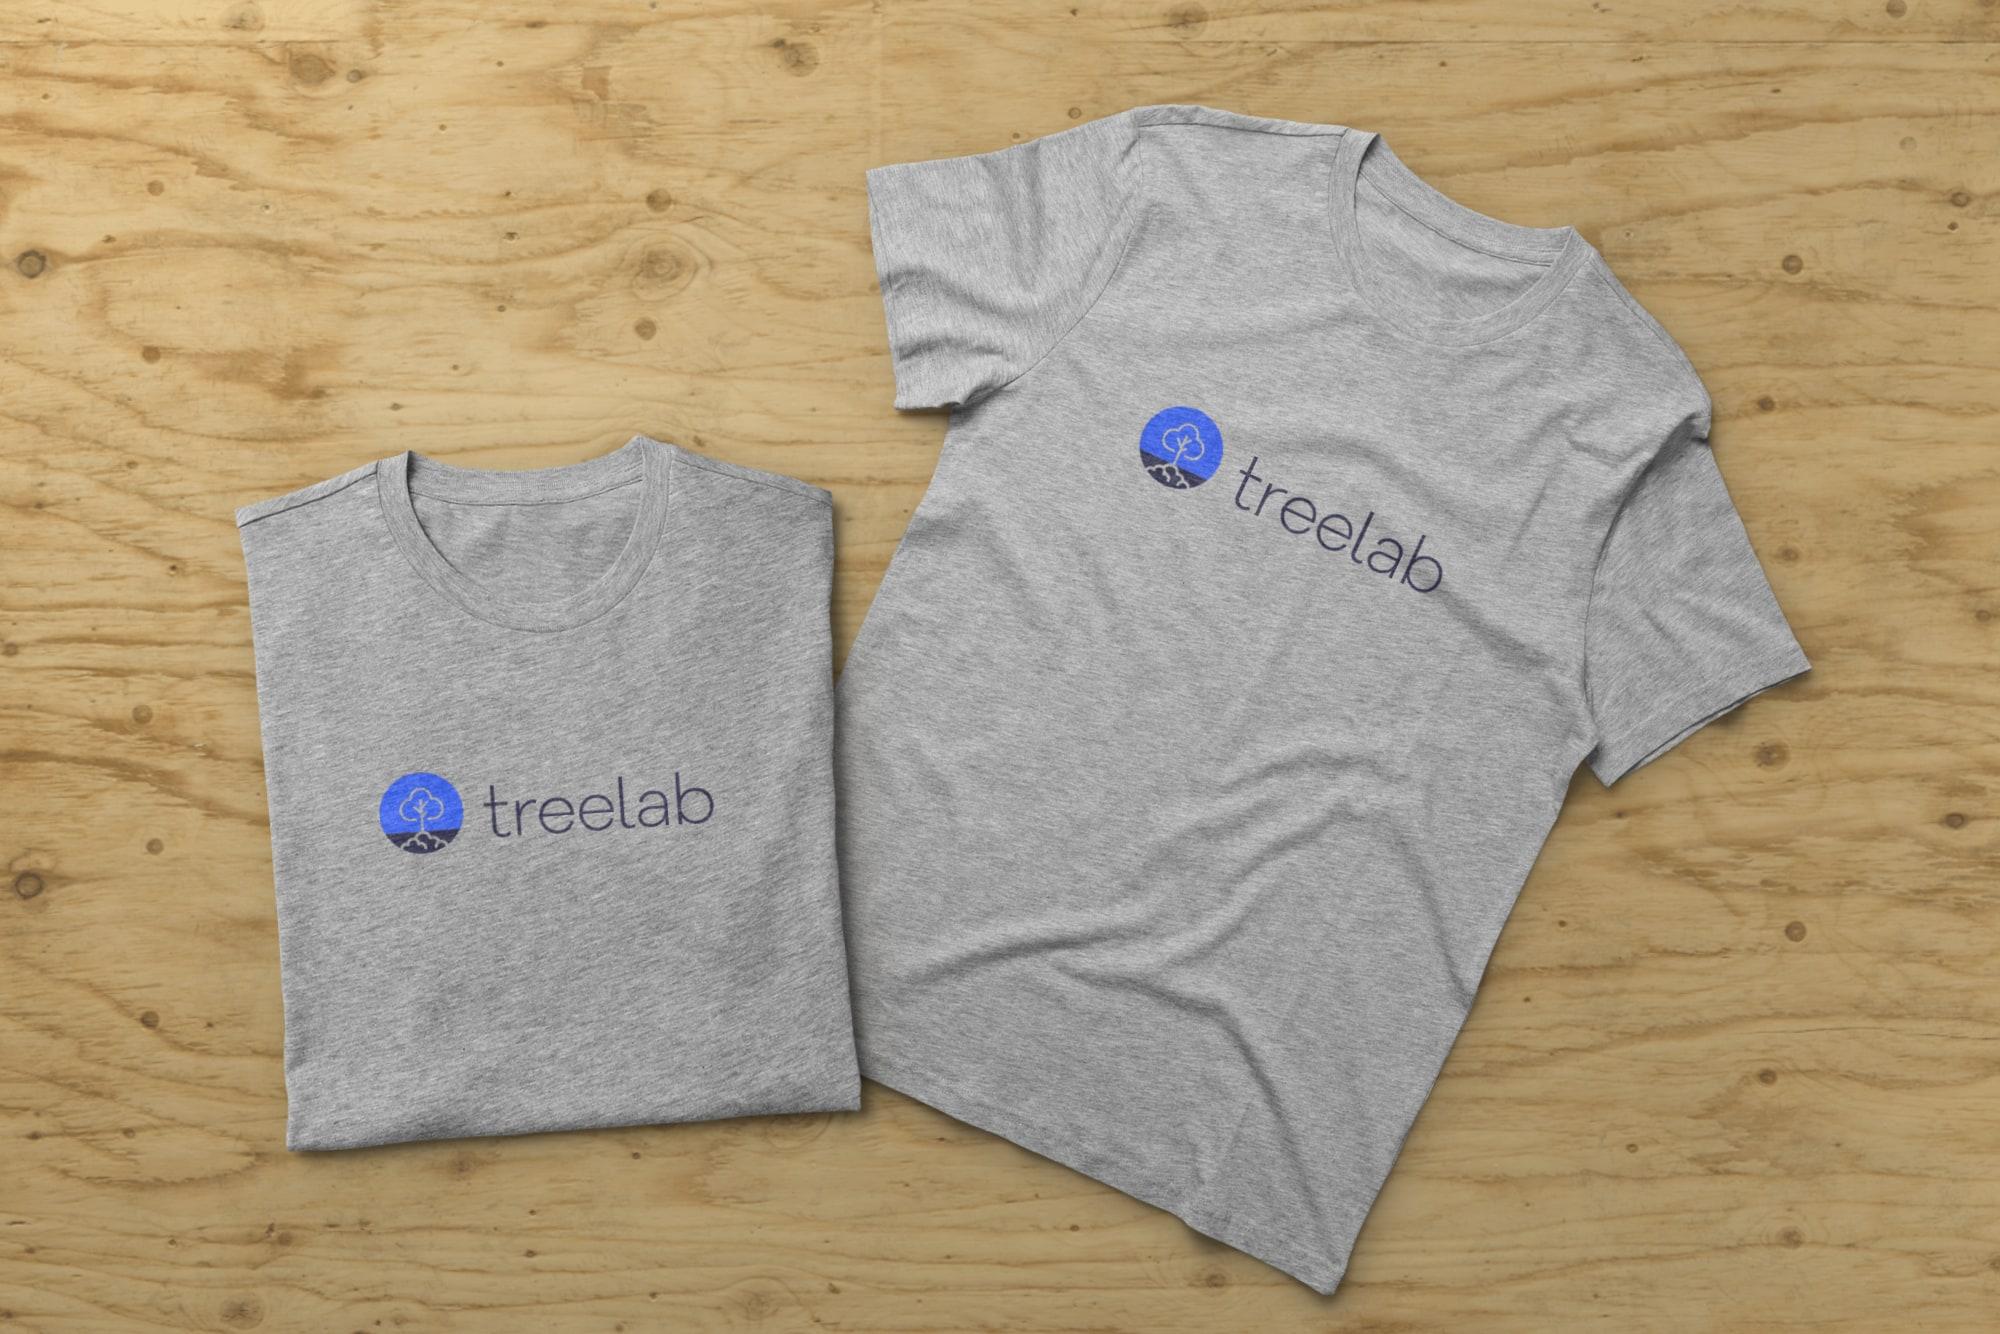 treelab-t-shirt-mockup